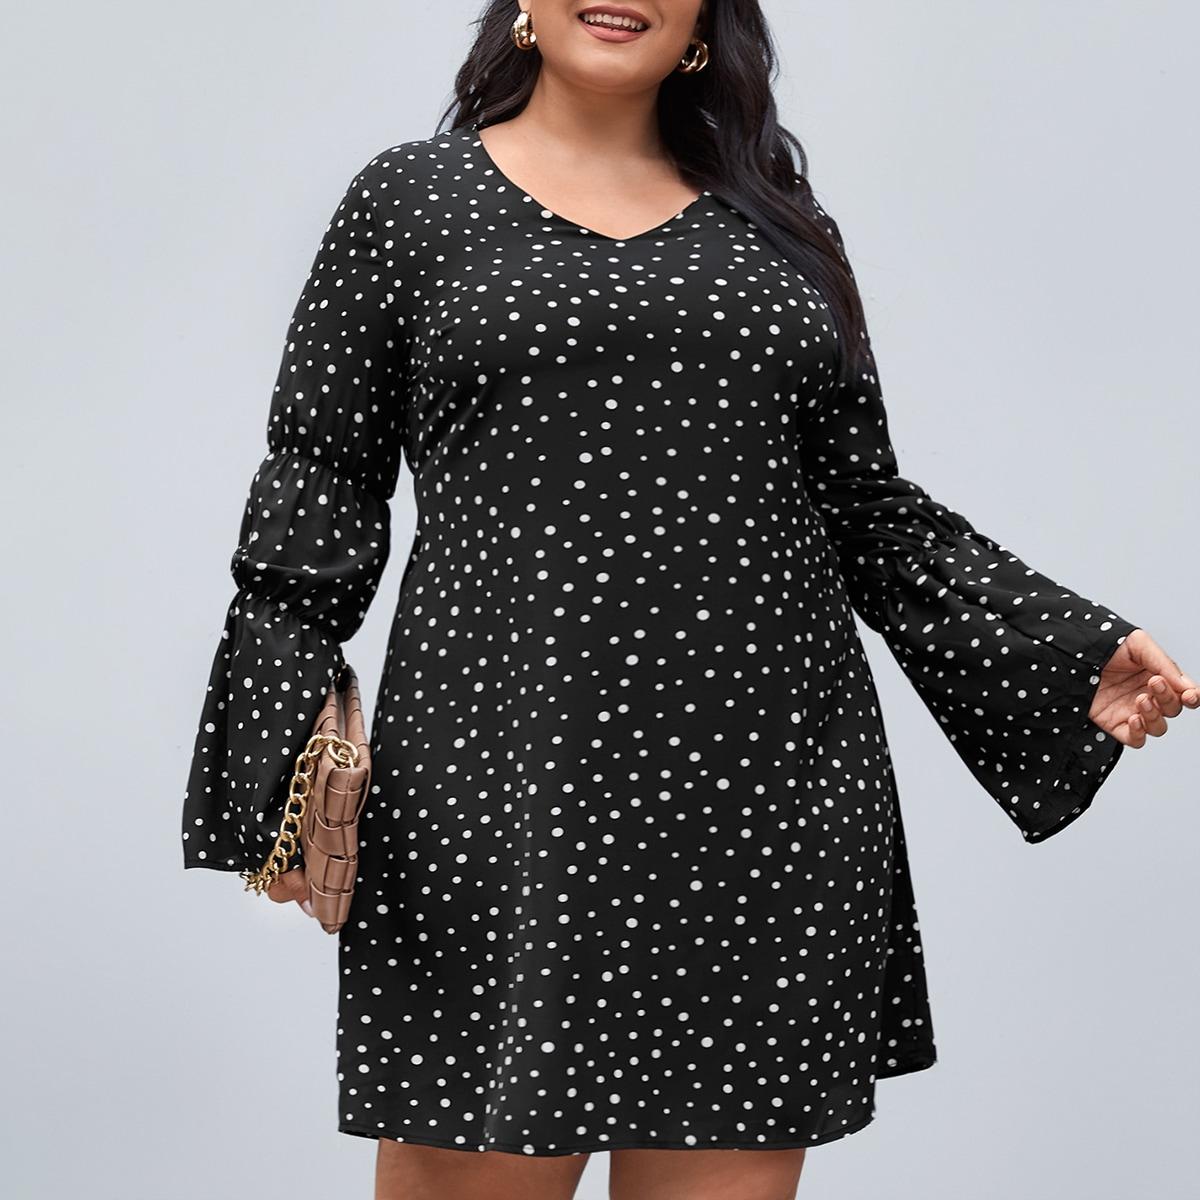 SHEIN / Kleid mit Punkten Muster, V Kragen und Schößchenärmeln